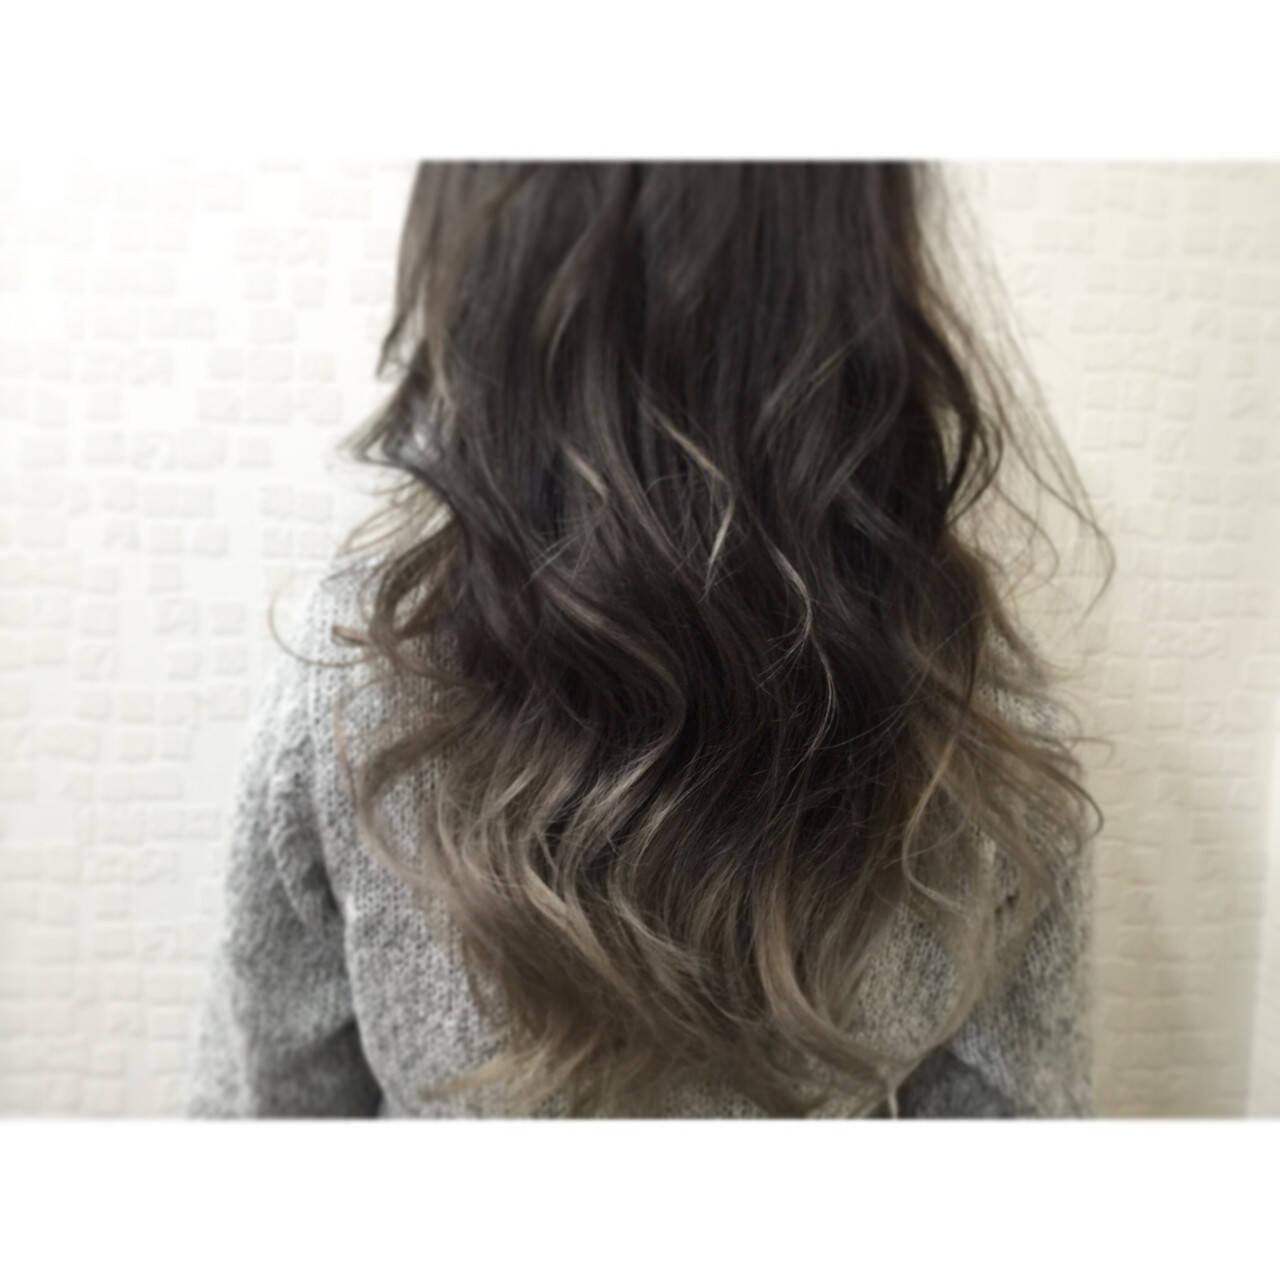 外国人風 グラデーションカラー グレージュ 暗髪ヘアスタイルや髪型の写真・画像